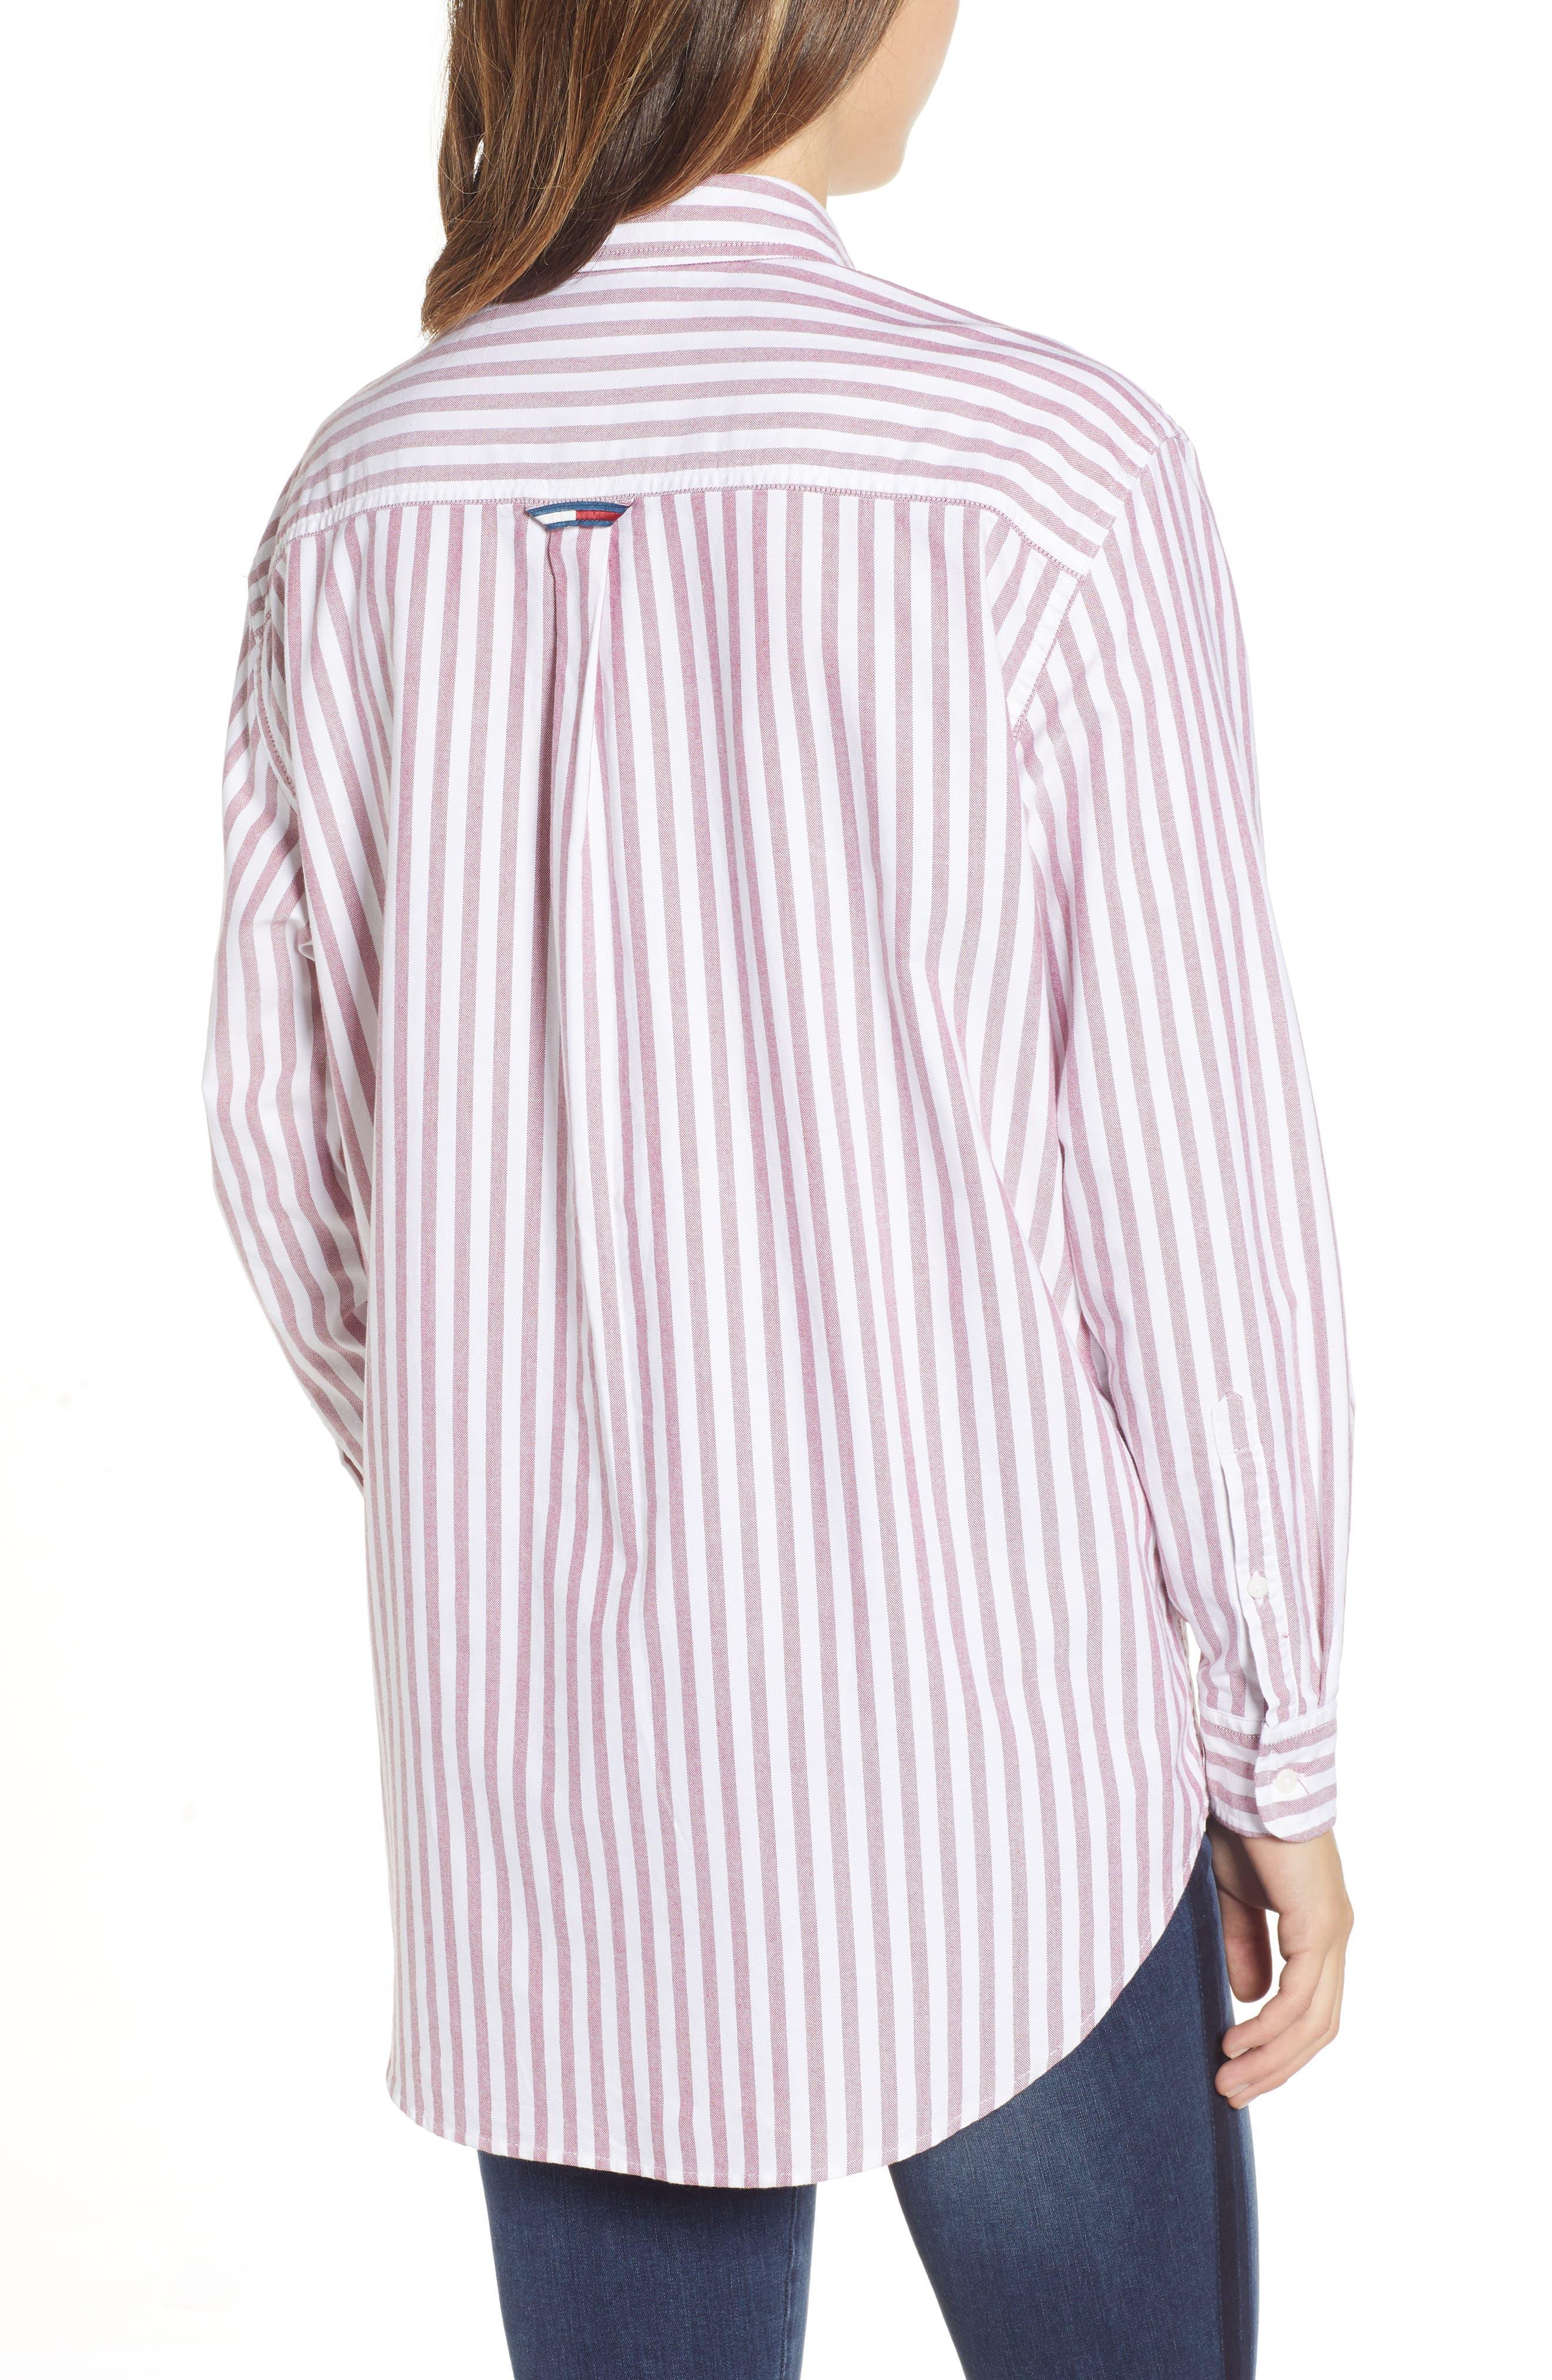 TJW Classics Stripe Shirt,                             Alternate thumbnail 2, color,                             RUMBA RED / BRIGHT WHITE